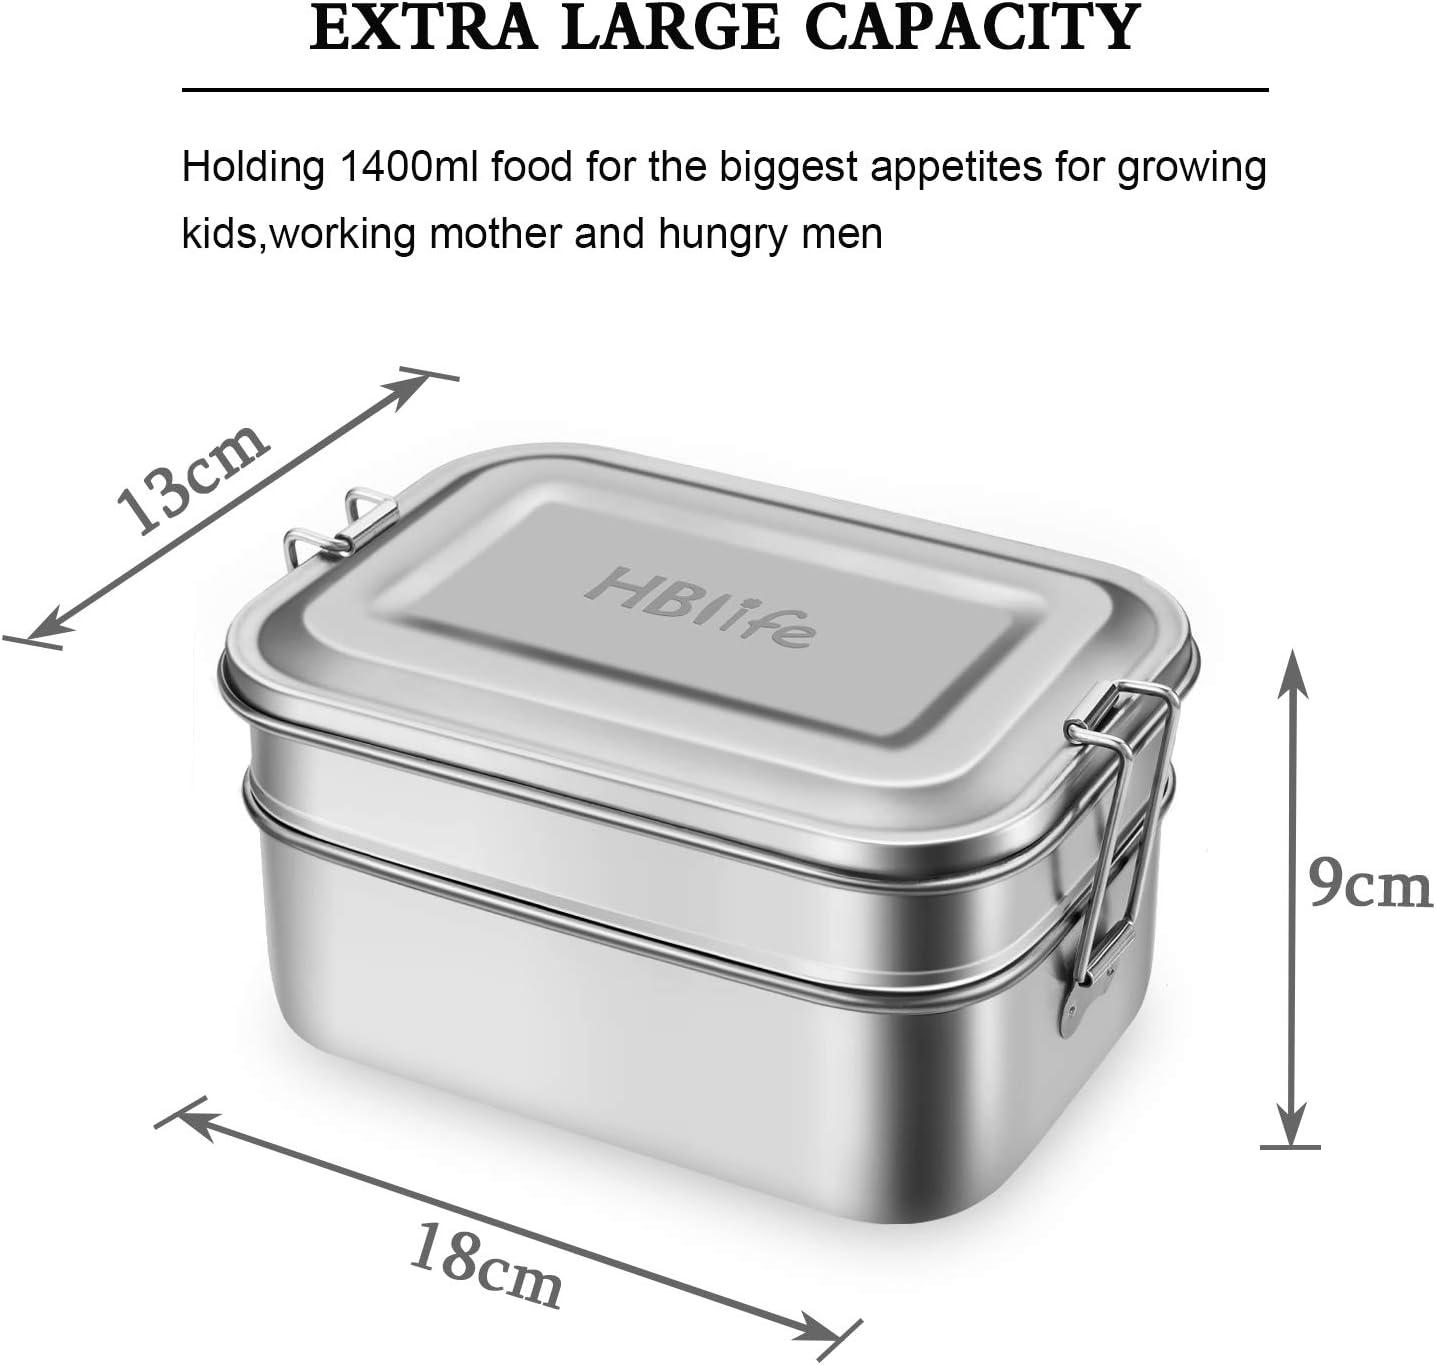 HB life 2-teilige Brotdose aus Edelstahl Lunchbox Bento Box Metall Dichte Brotdose Lunchbox 1400ml Fassungsverm/ögen mit F/ächern f/ür Reisen//Arbeit//Schulkinder und Erwachsene Doppelschicht